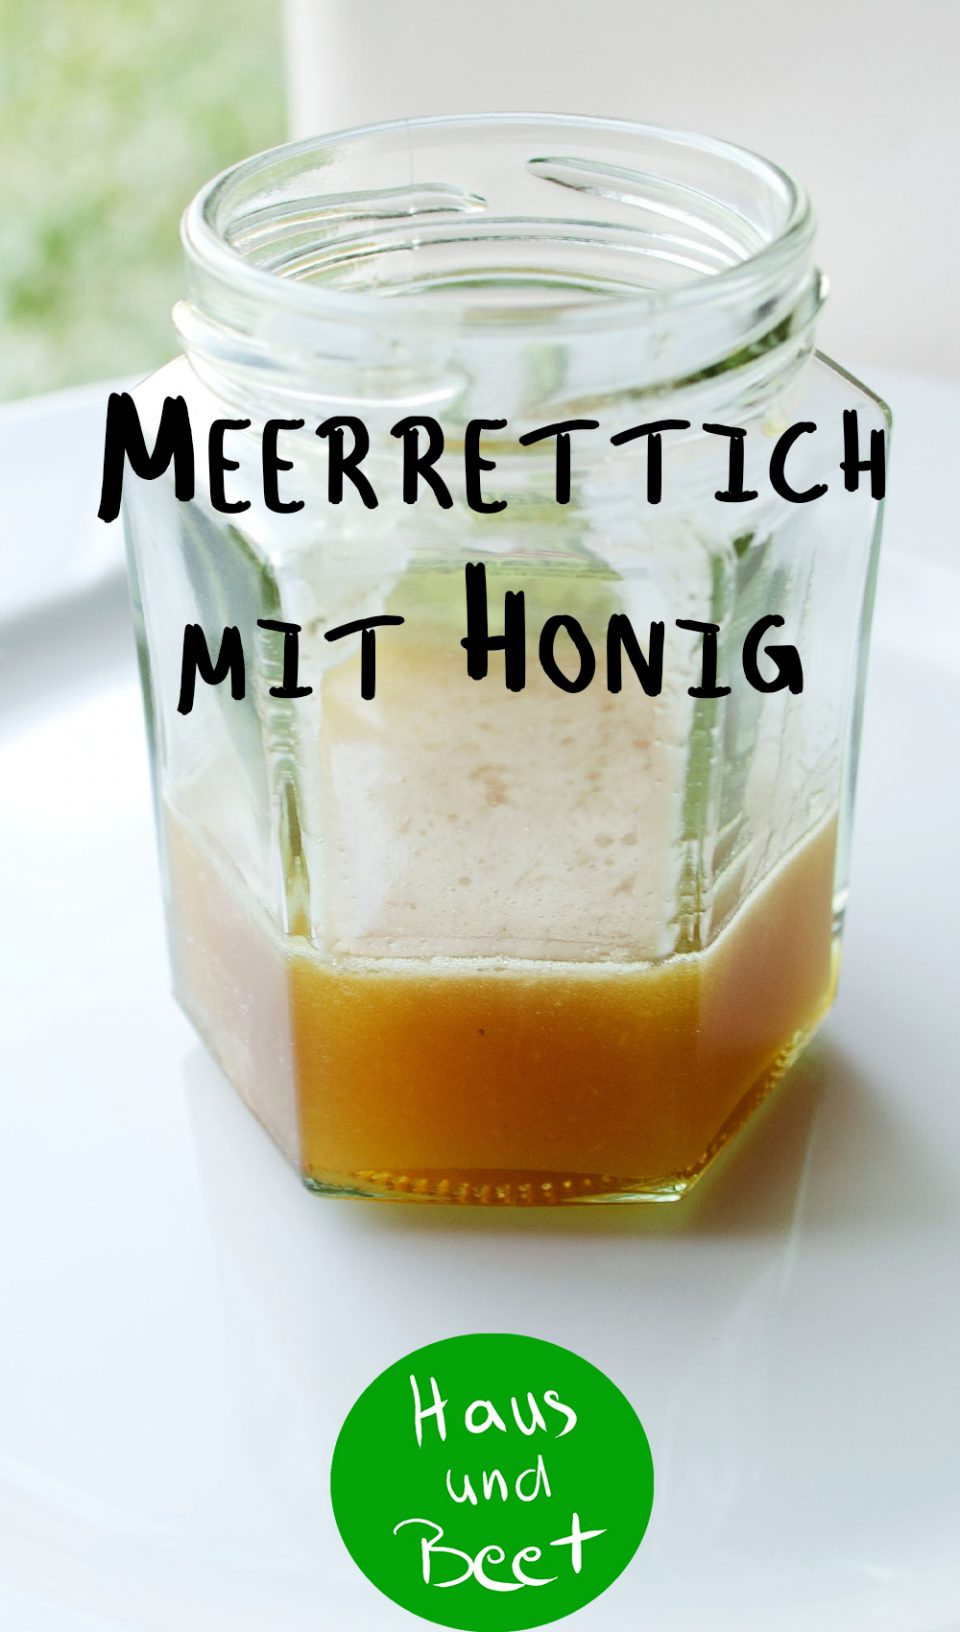 Meerrettich mit Honig